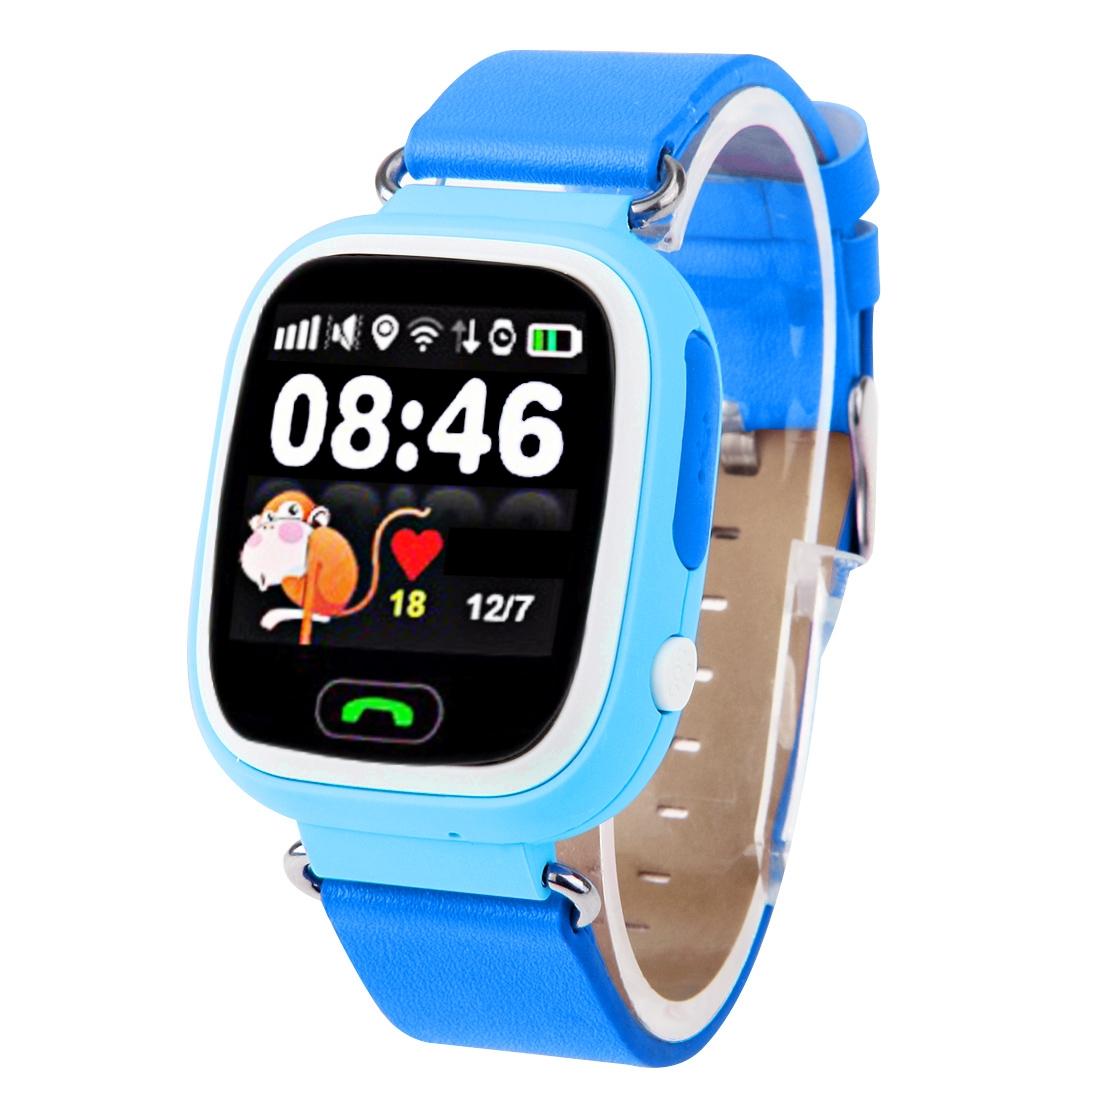 OBTNL Dětské GPS hodinky OBTNL B11 modré